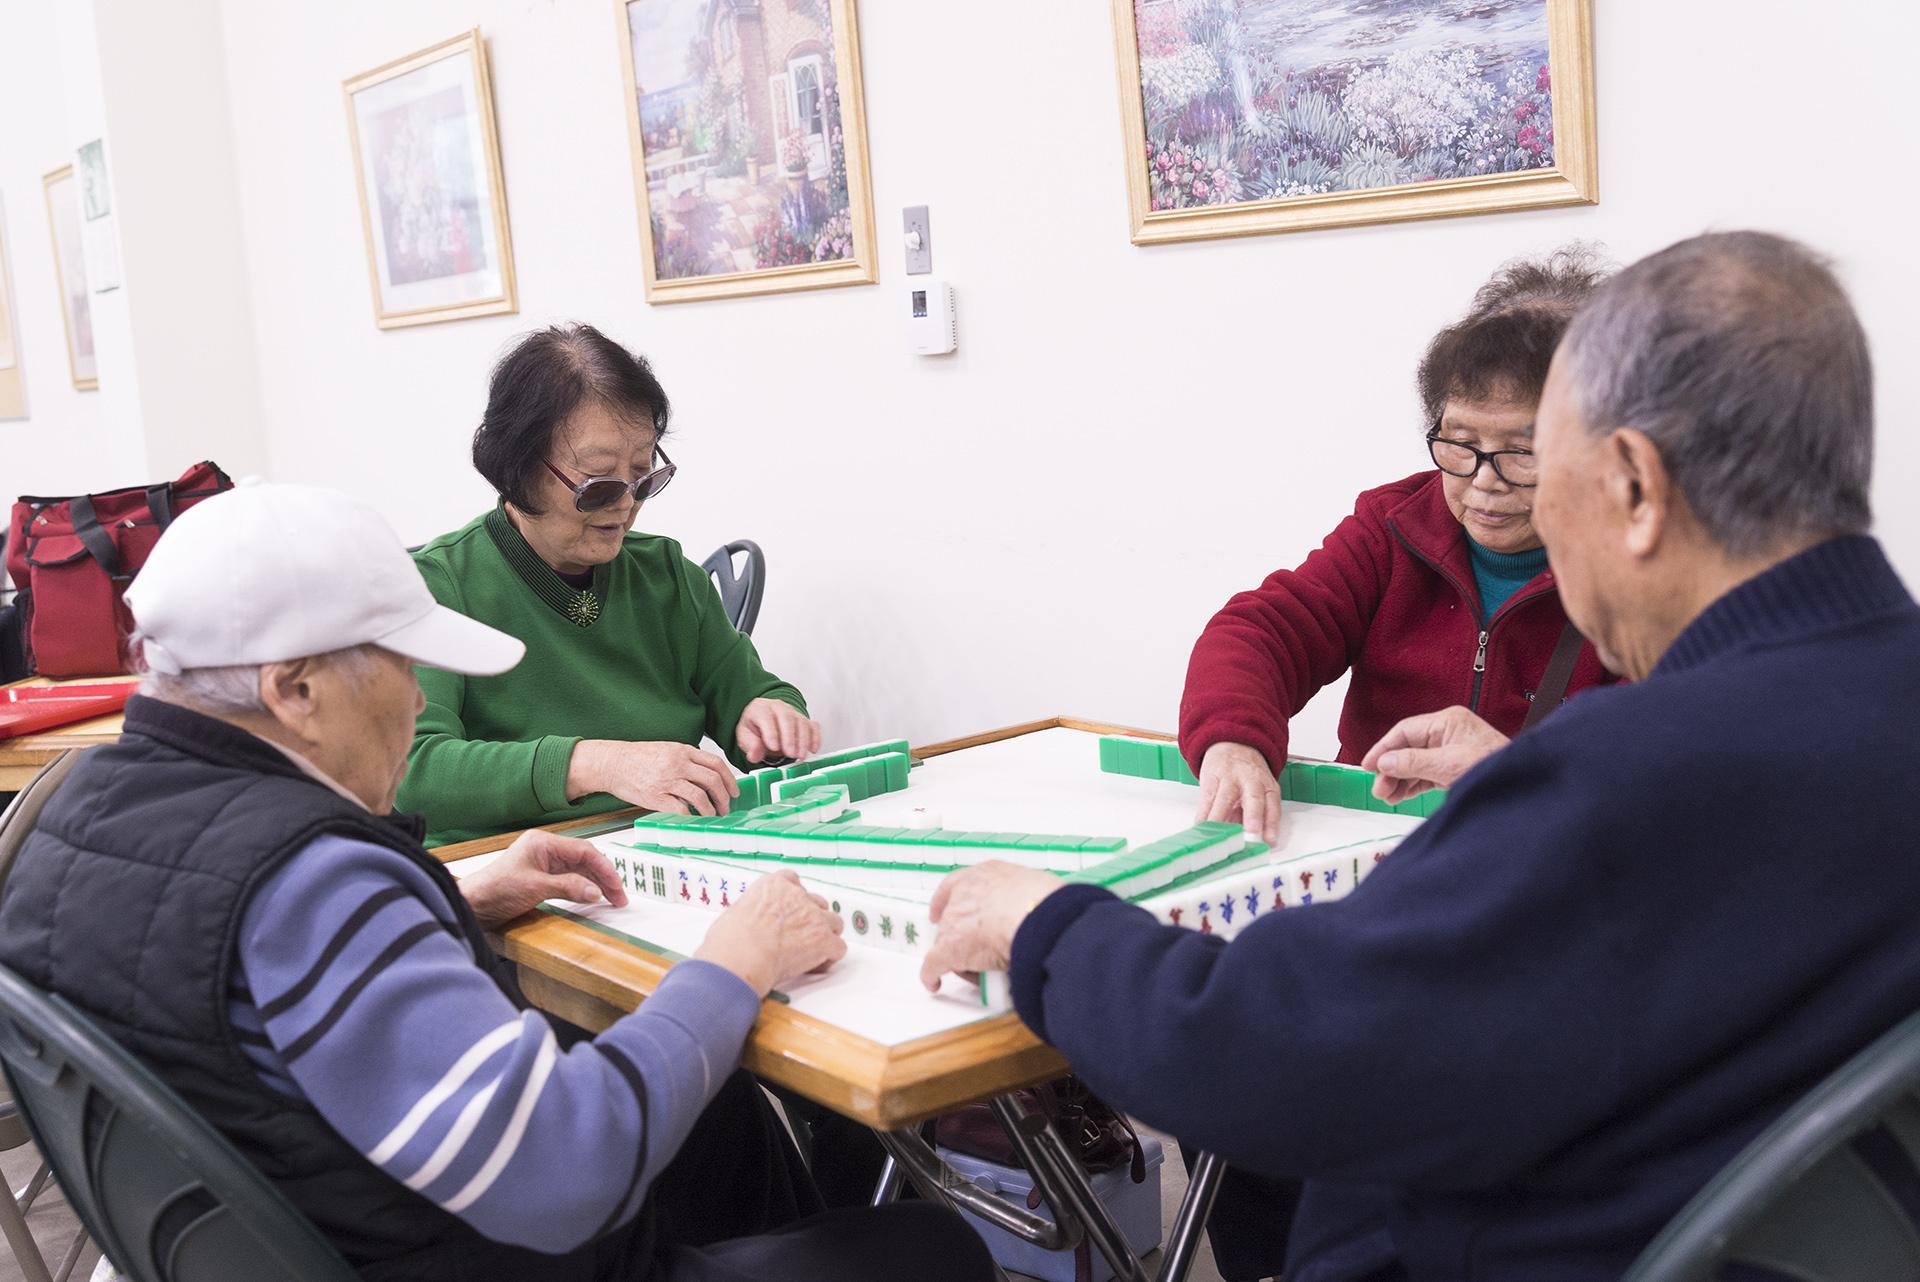 https://0201.nccdn.net/1_2/000/000/173/023/Mahjong-1920x1282.jpg